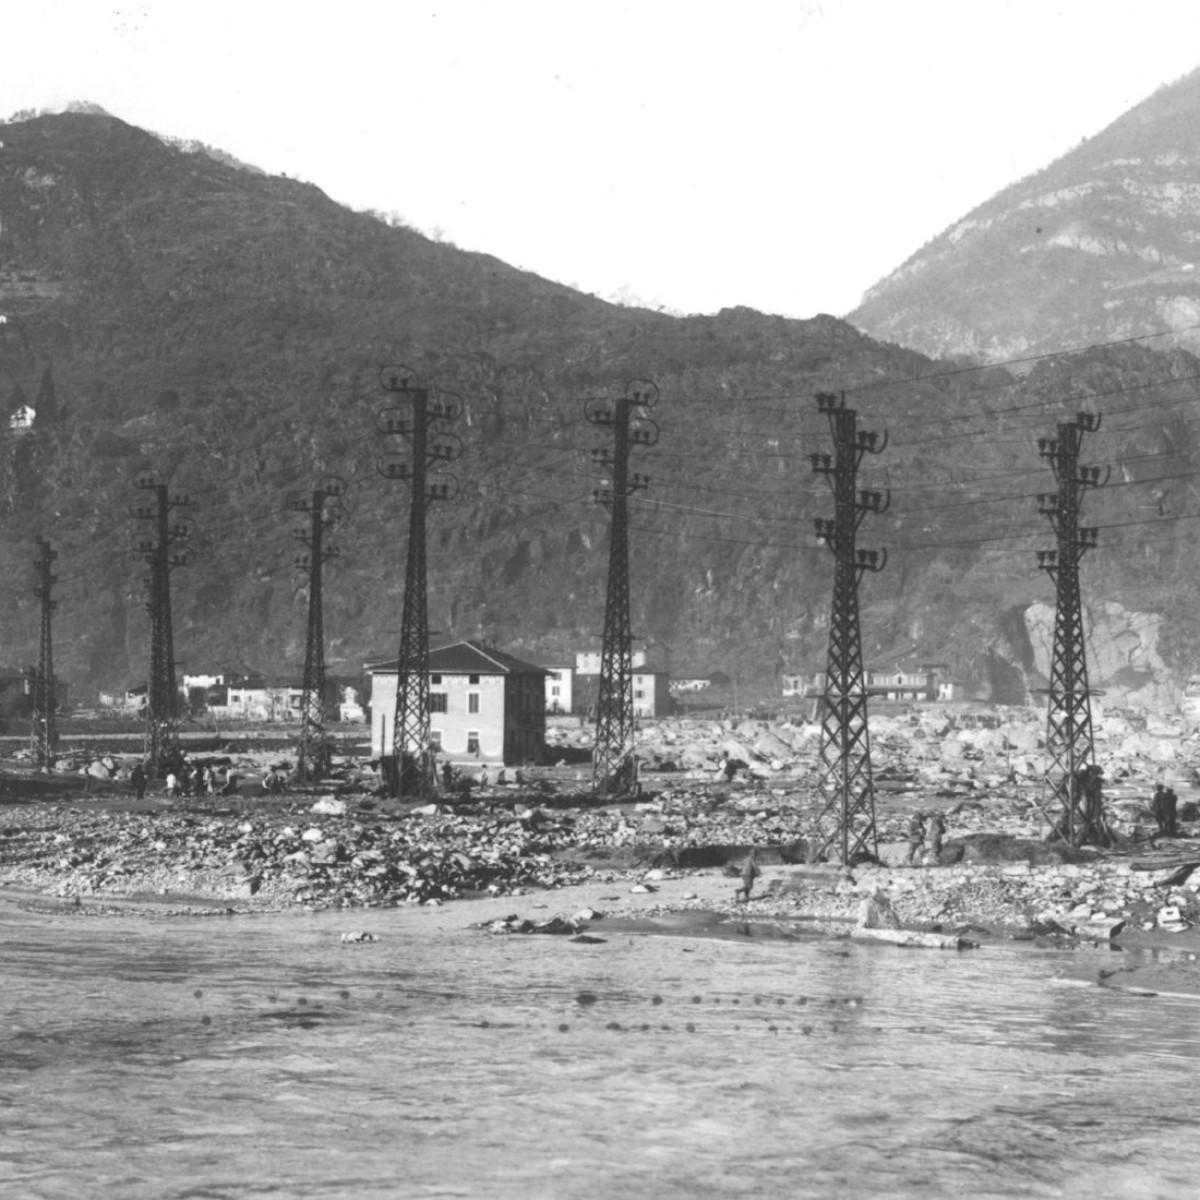 Devastazione a Darfo dopo il disastro (2)